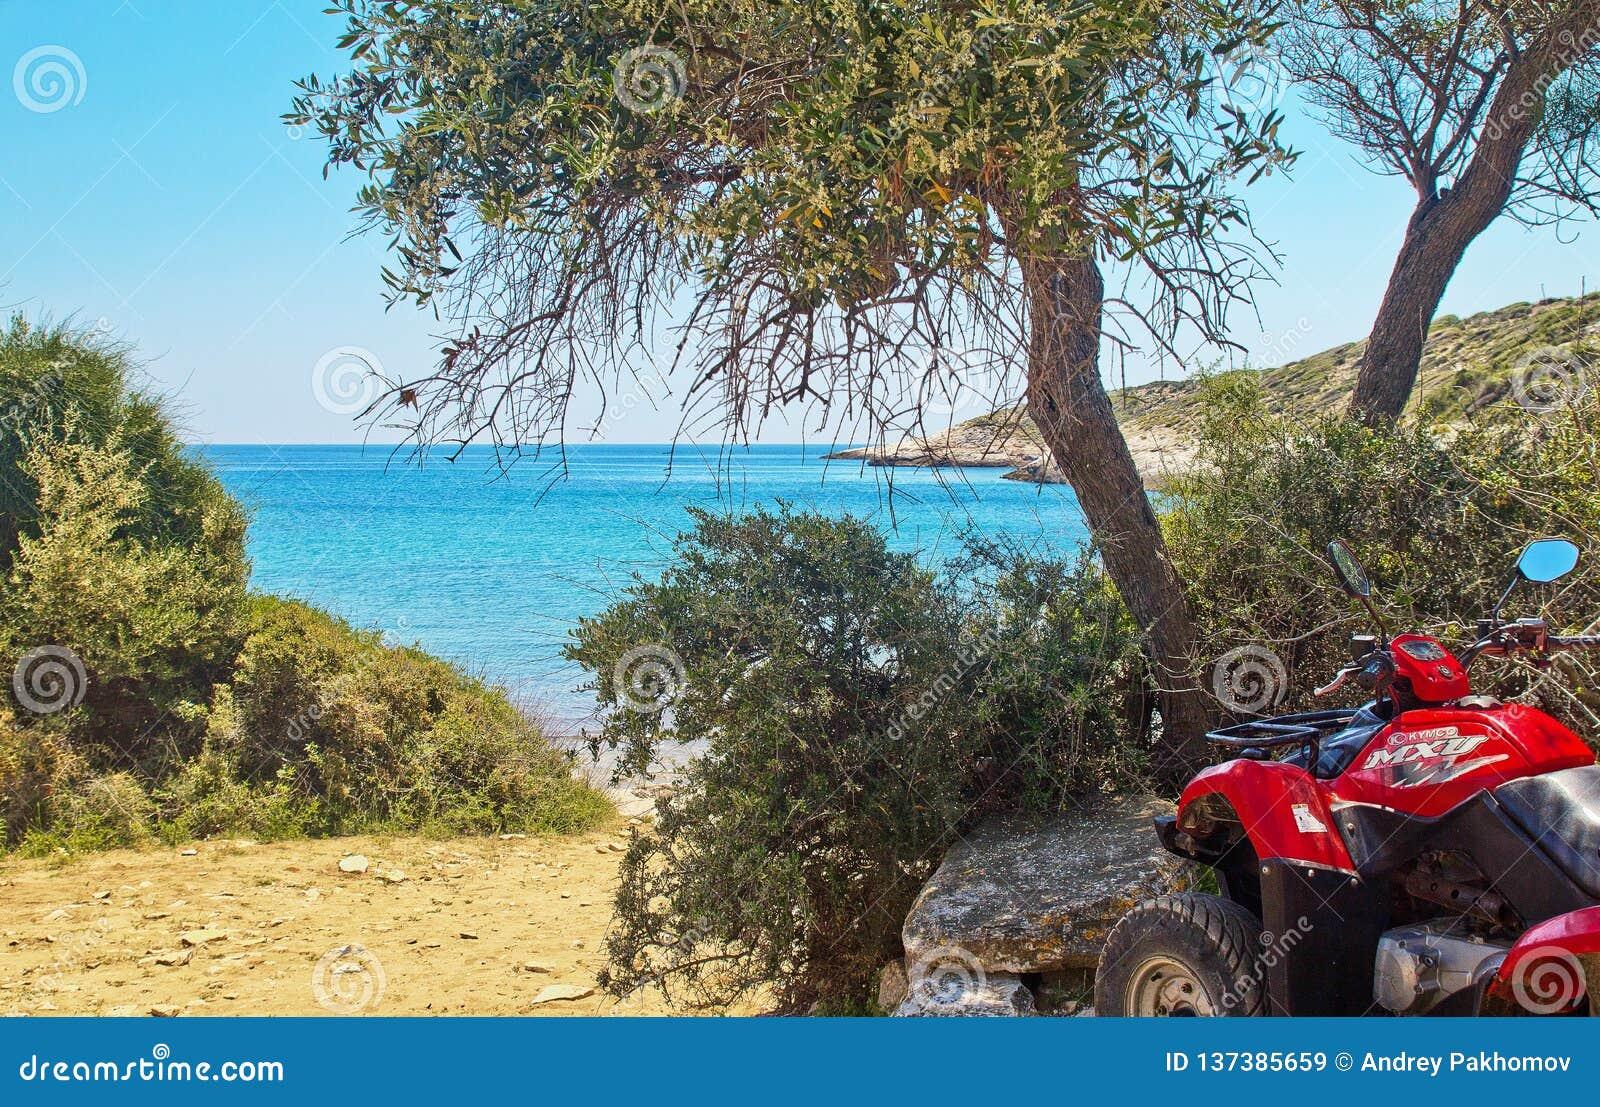 Το ATV σταθμεύουν στην ακτή στο νησί Thassos, Ελλάδα άποψη του όμορφου τοπίου